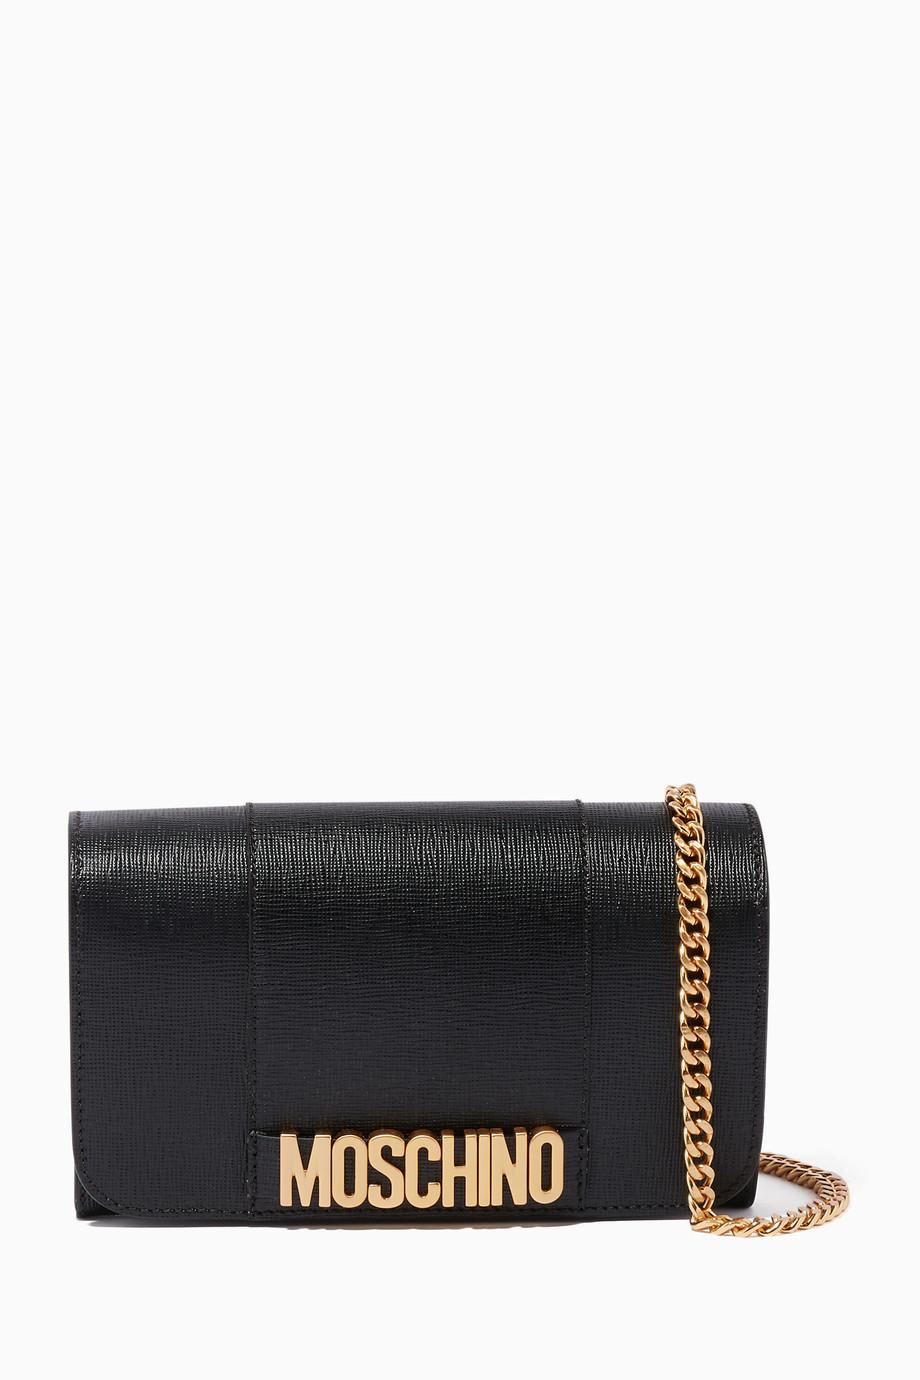 304442820d Shop Moschino Black Black Saffiano Chain Wallet for Women   Ounass ...